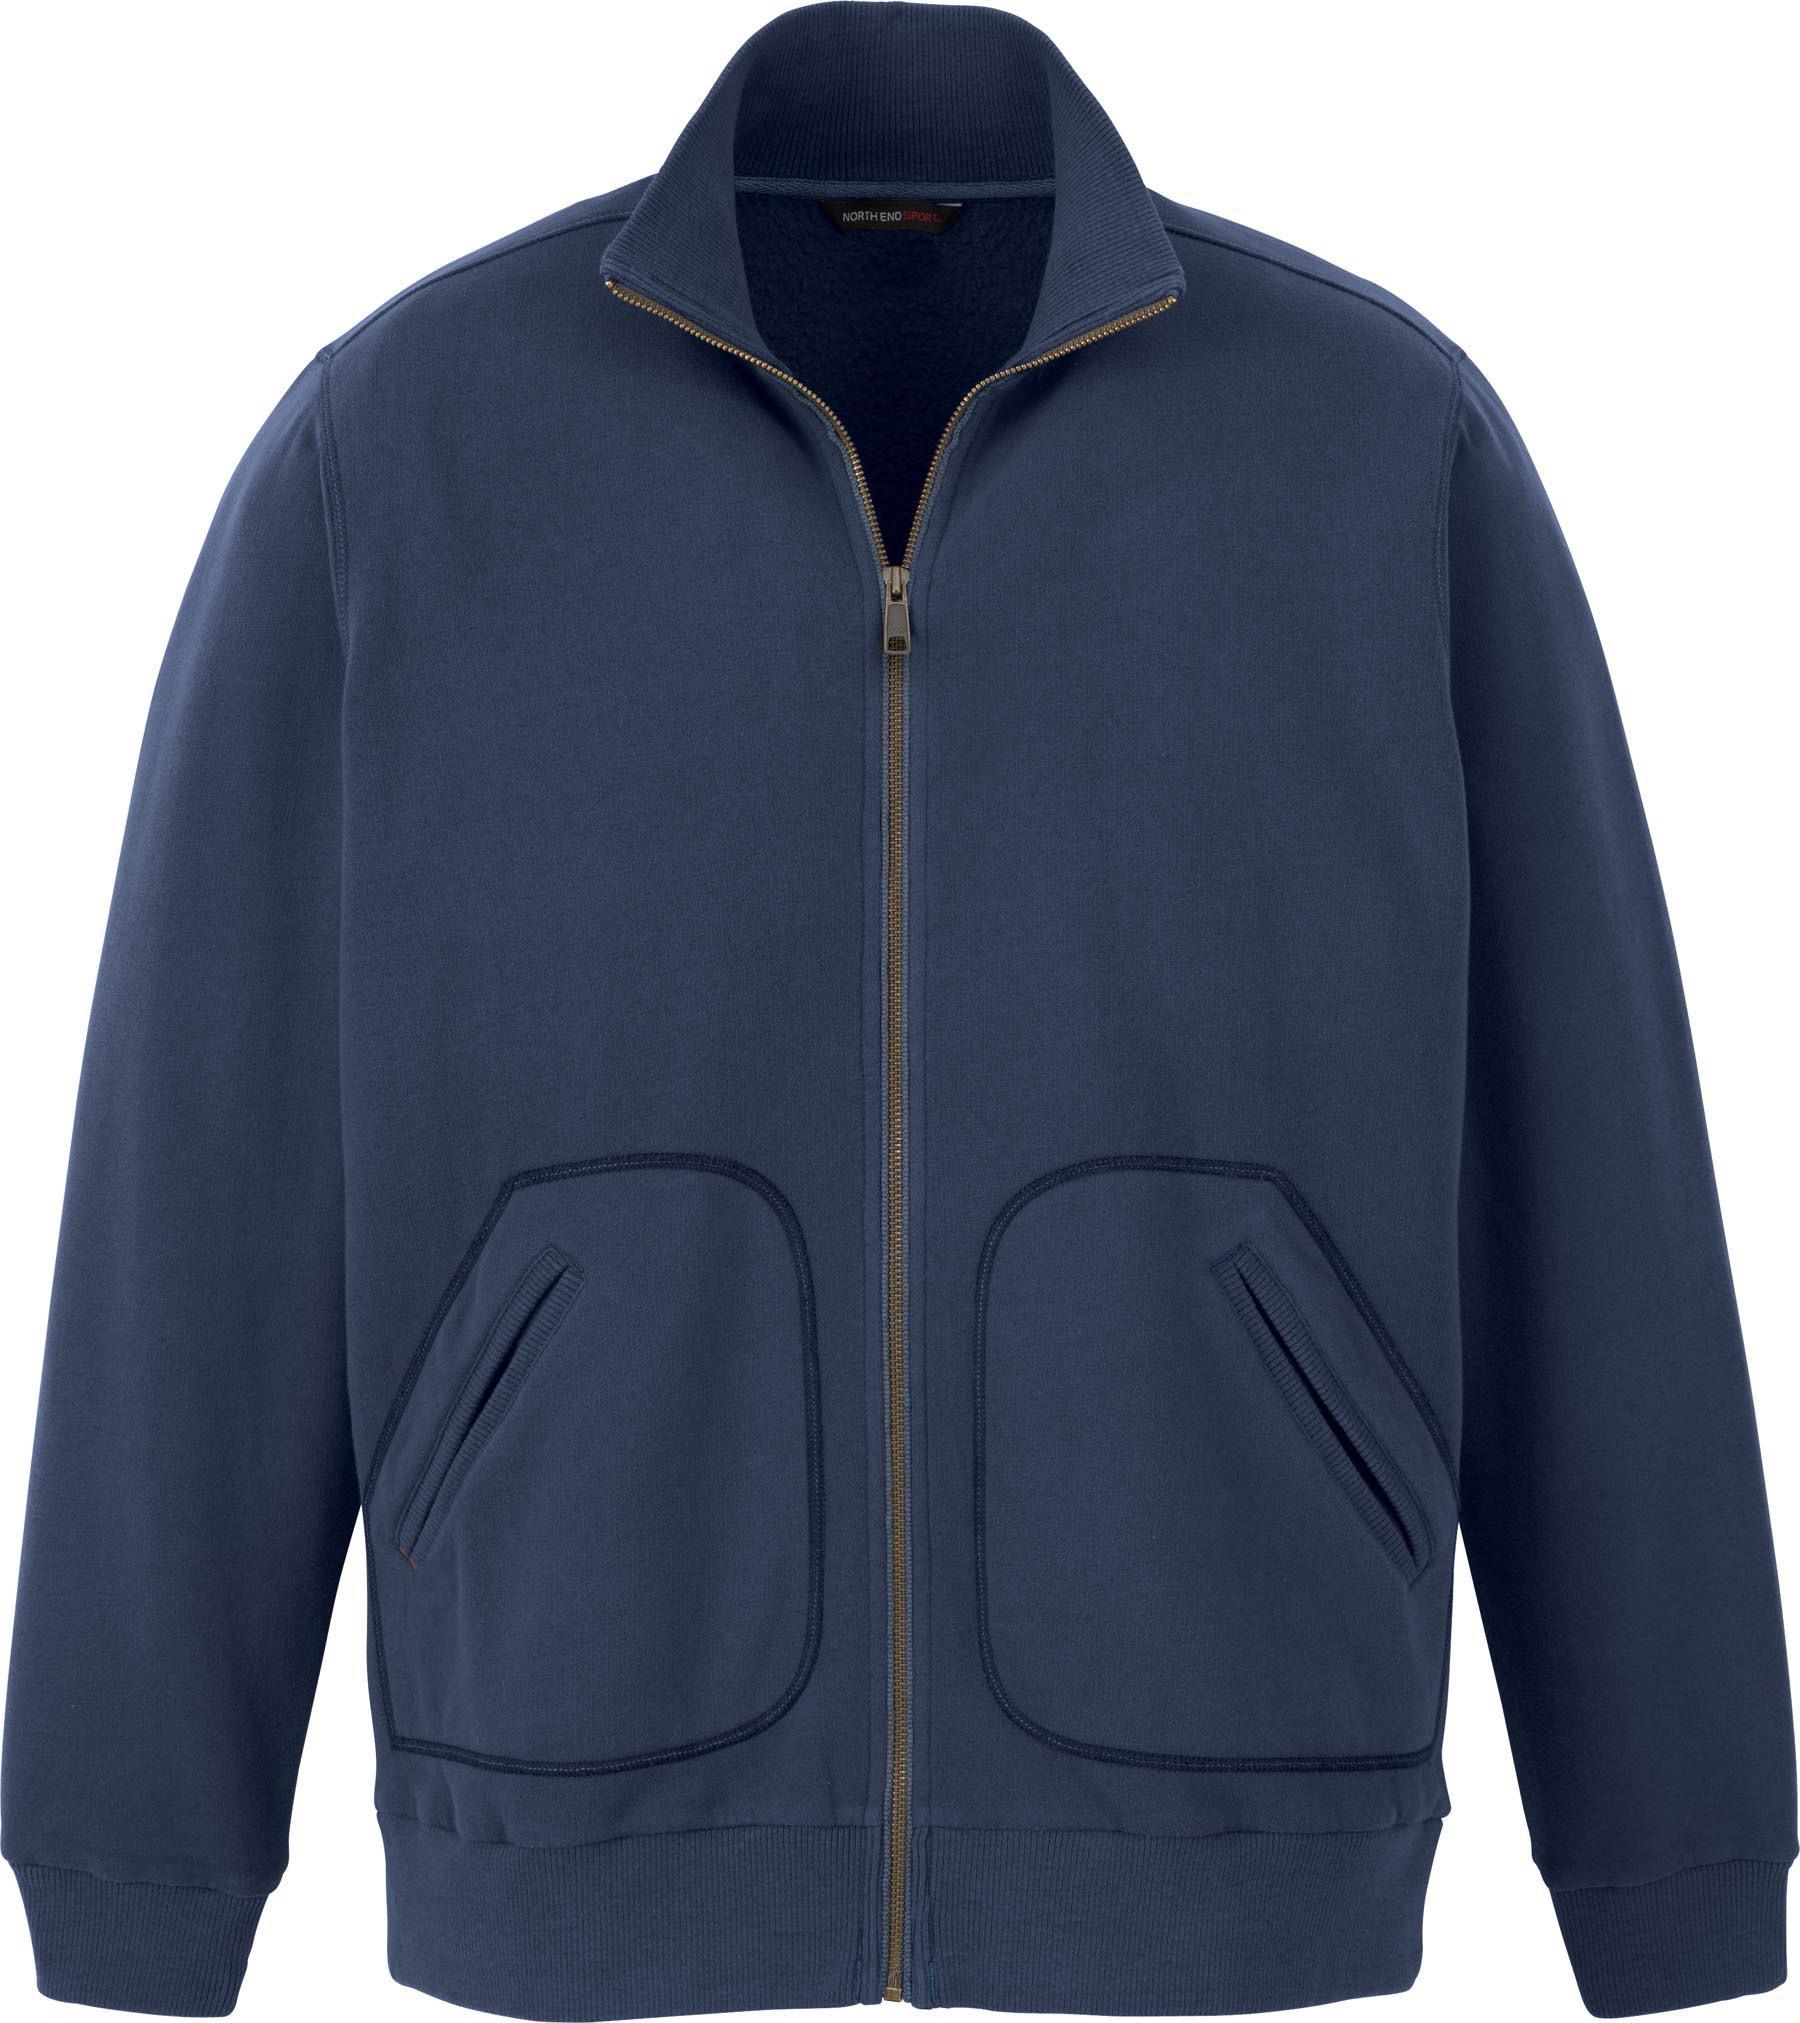 Ash City Cotton/Poly Fleece 88642 - Men's Cotton Polyester ...